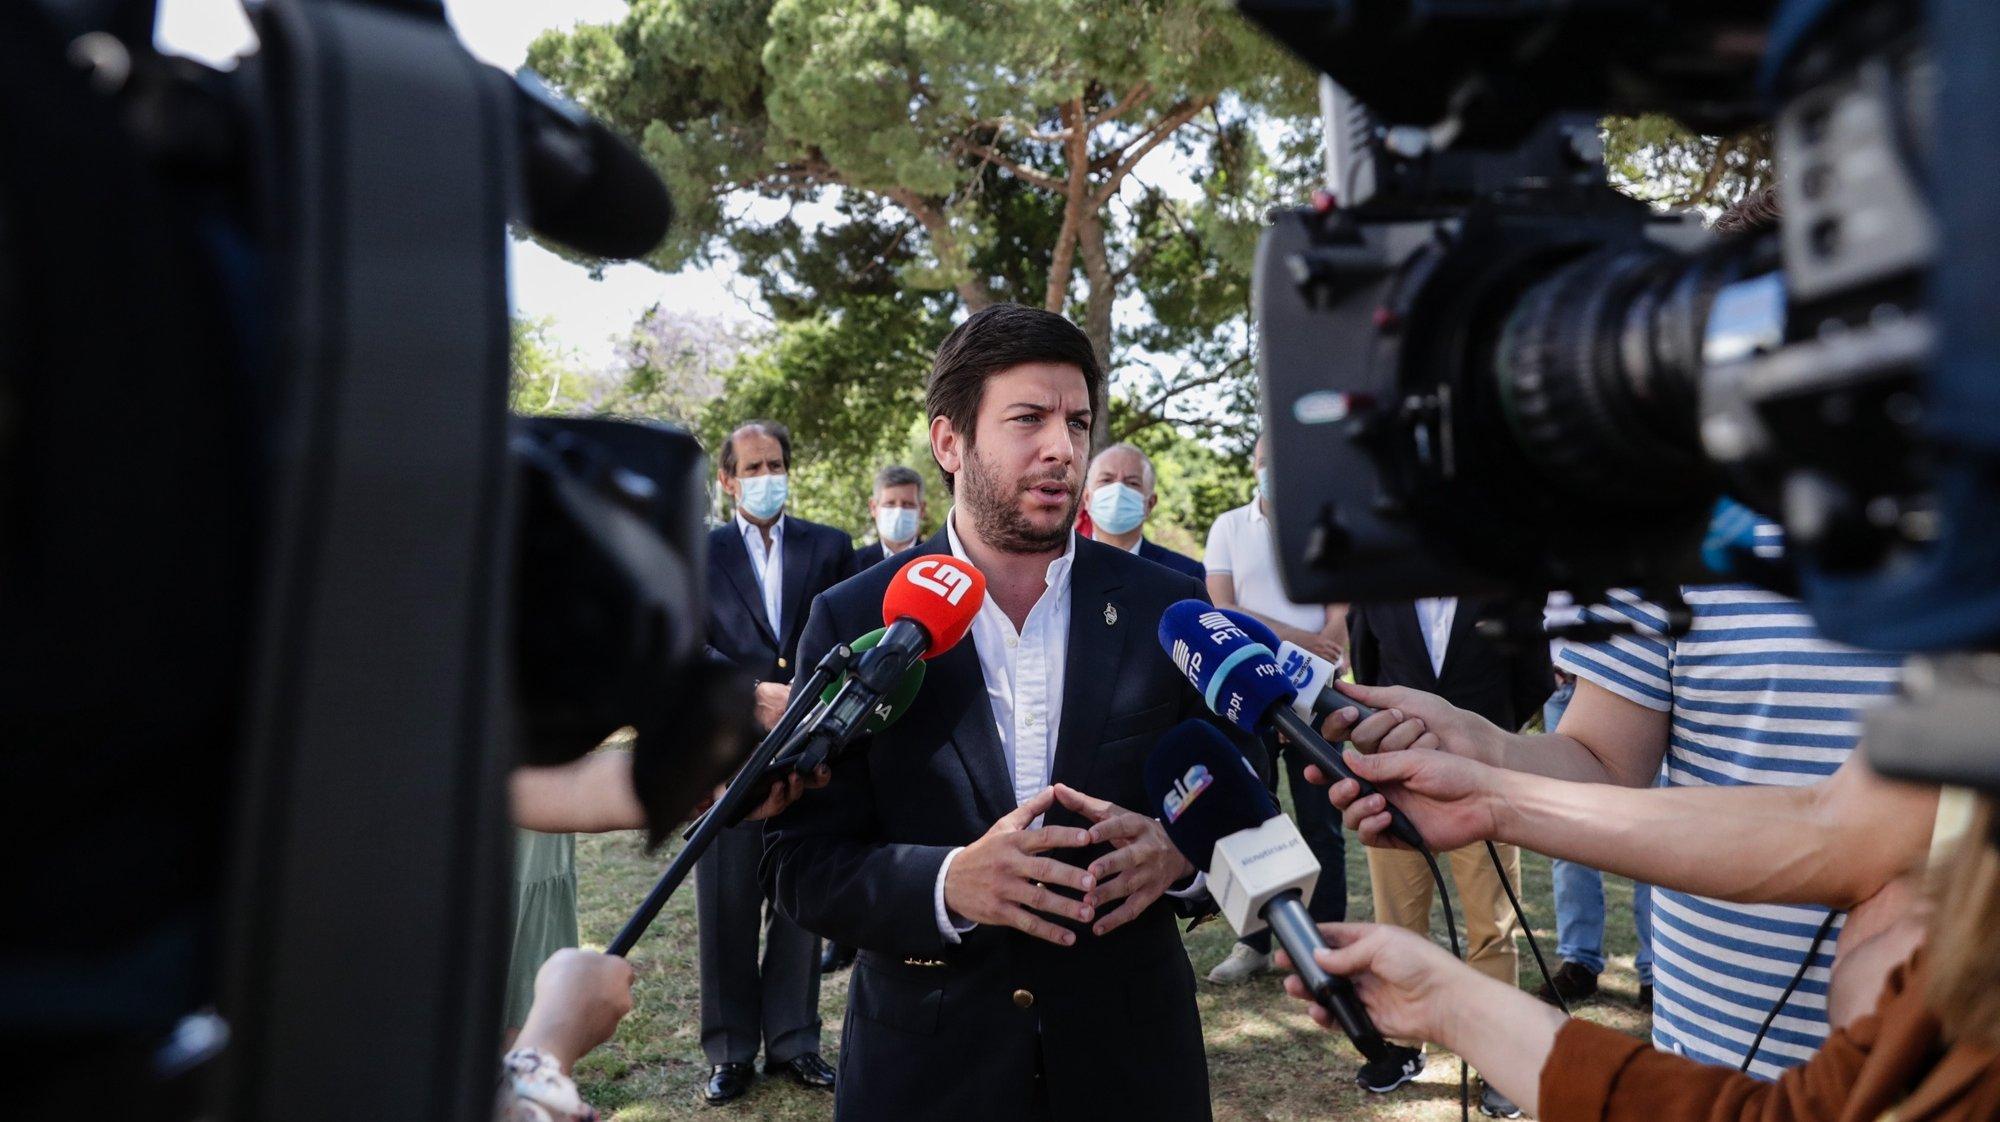 O Presidente do CDS/PP, Francisco Rodrigues dos Santos, fala com a imprensa à sua chegada para visitar a 5ª Capital do Móvel - Feira de Mobiliário e Decoração em Lisboa, 30 de maio de 2021. TIAGO PETINGA/LUSA